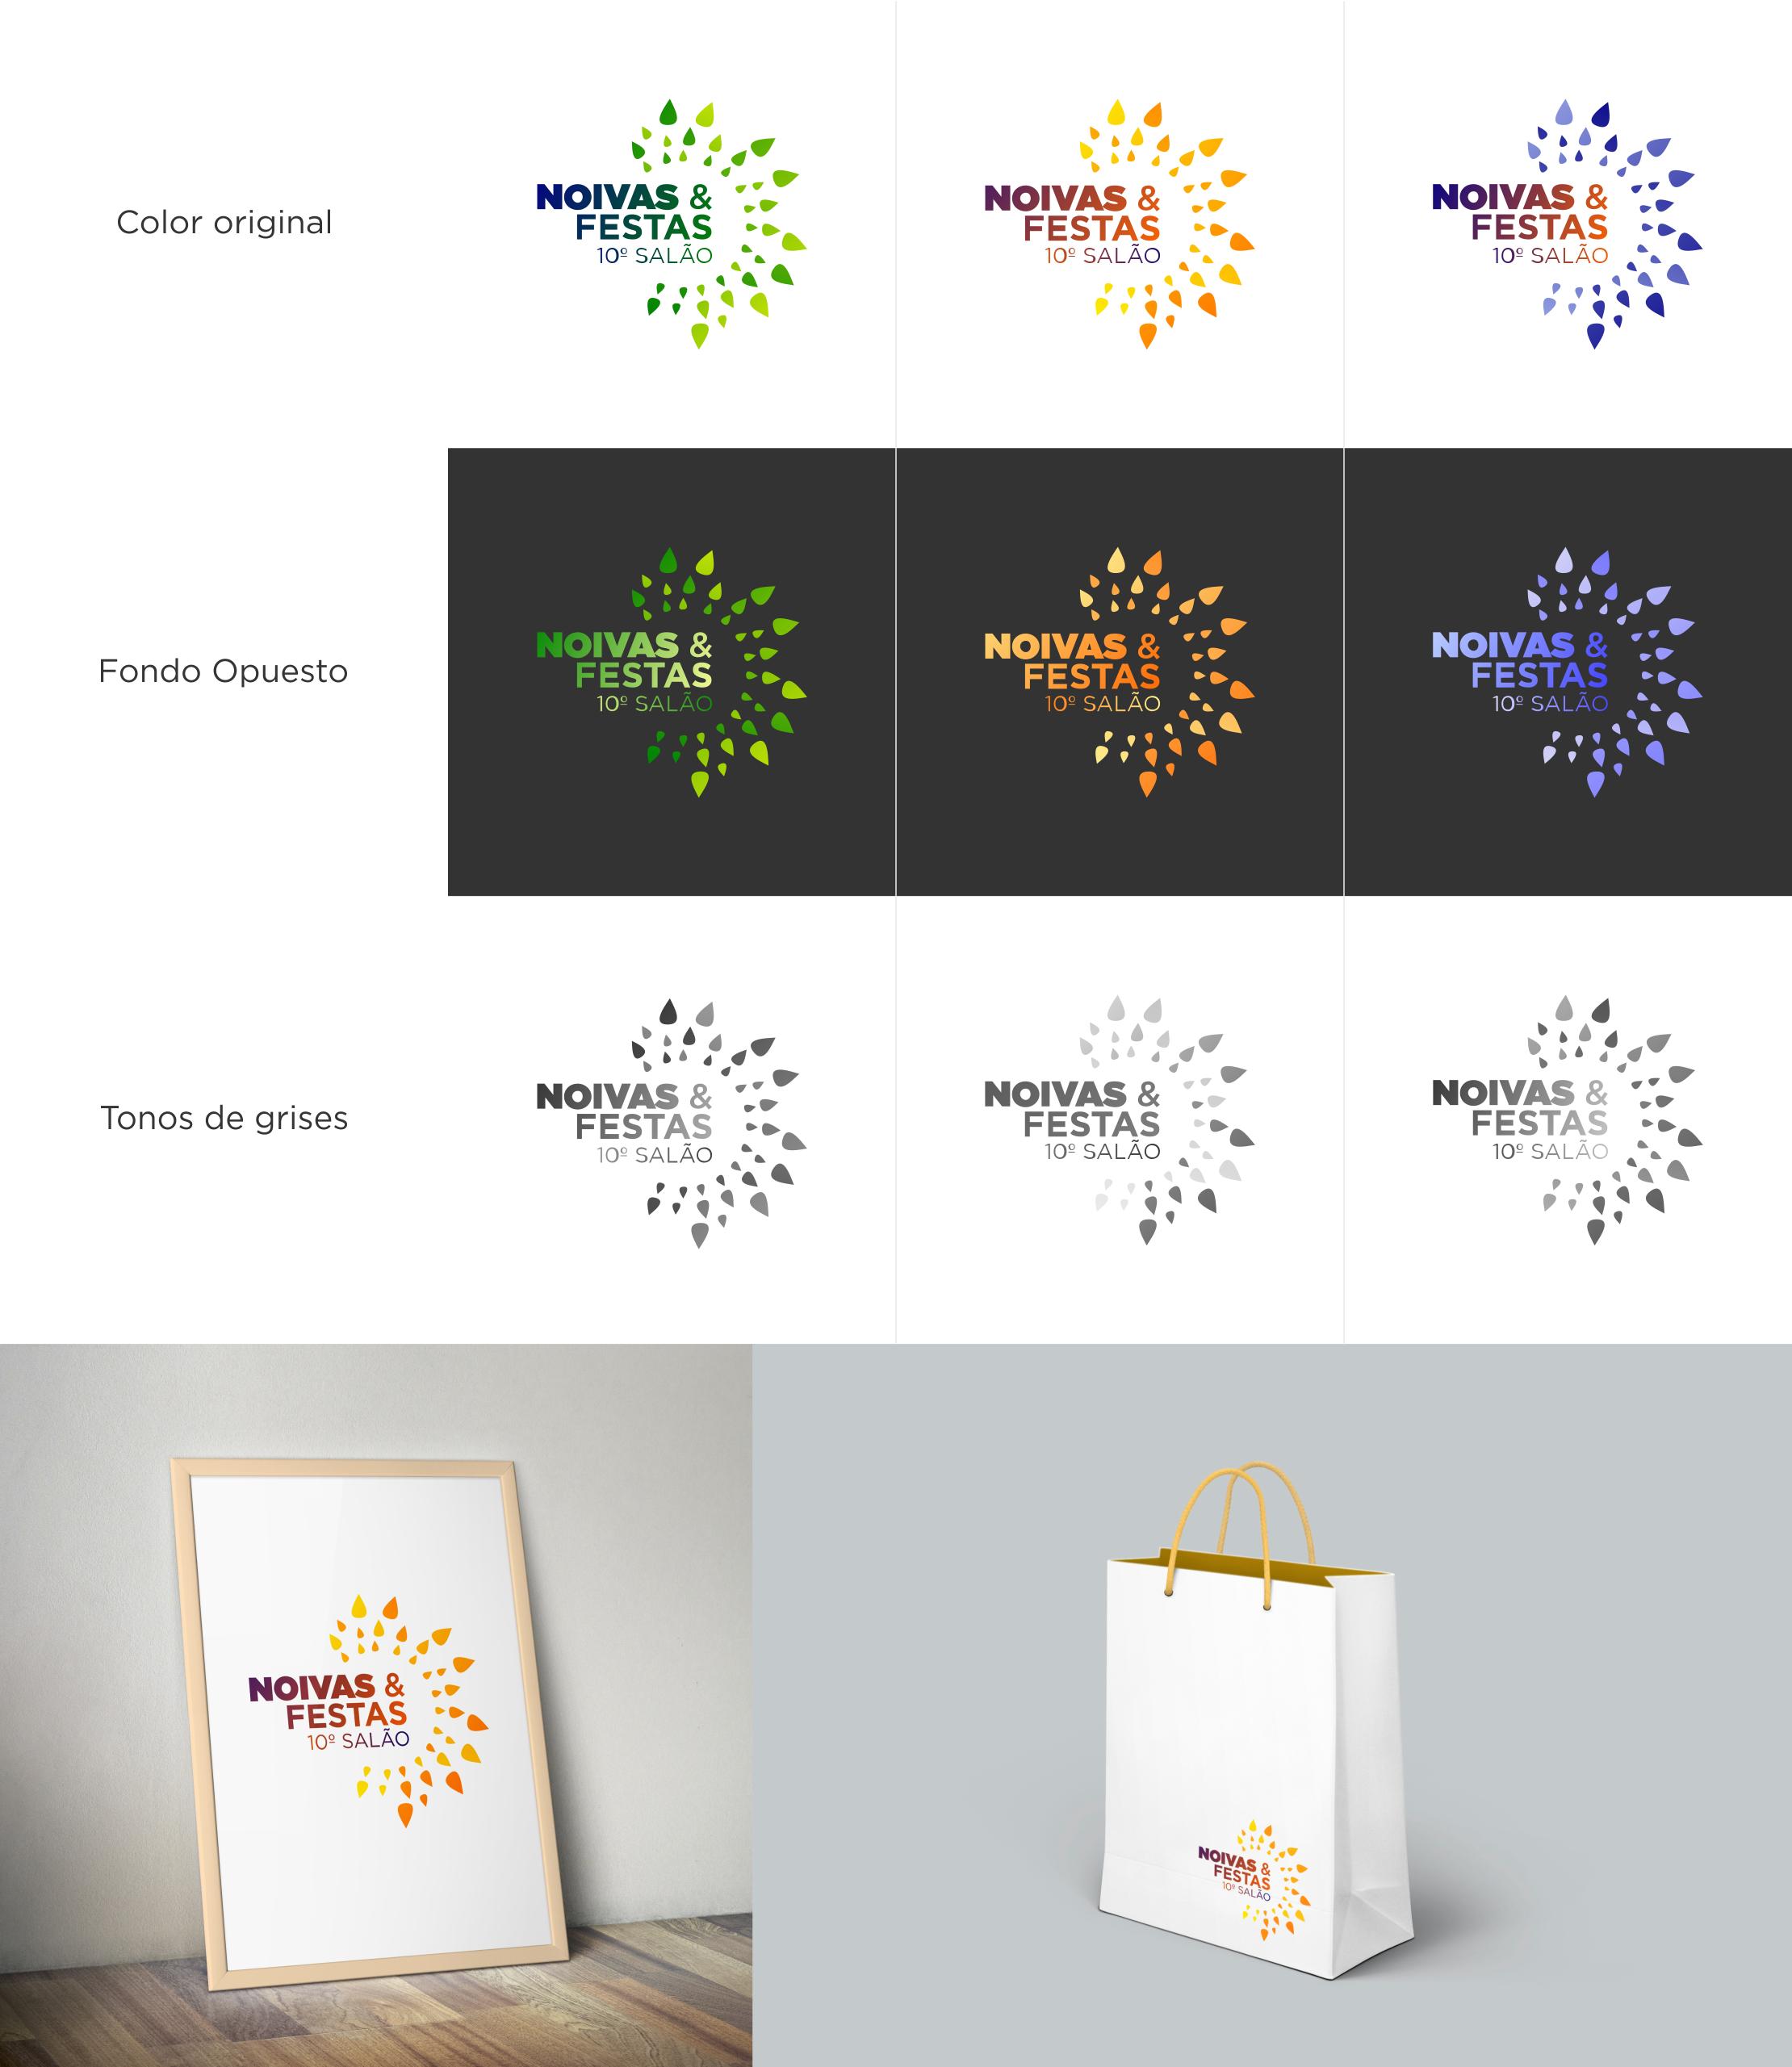 Noivas & Festas  - Logos y variantes -